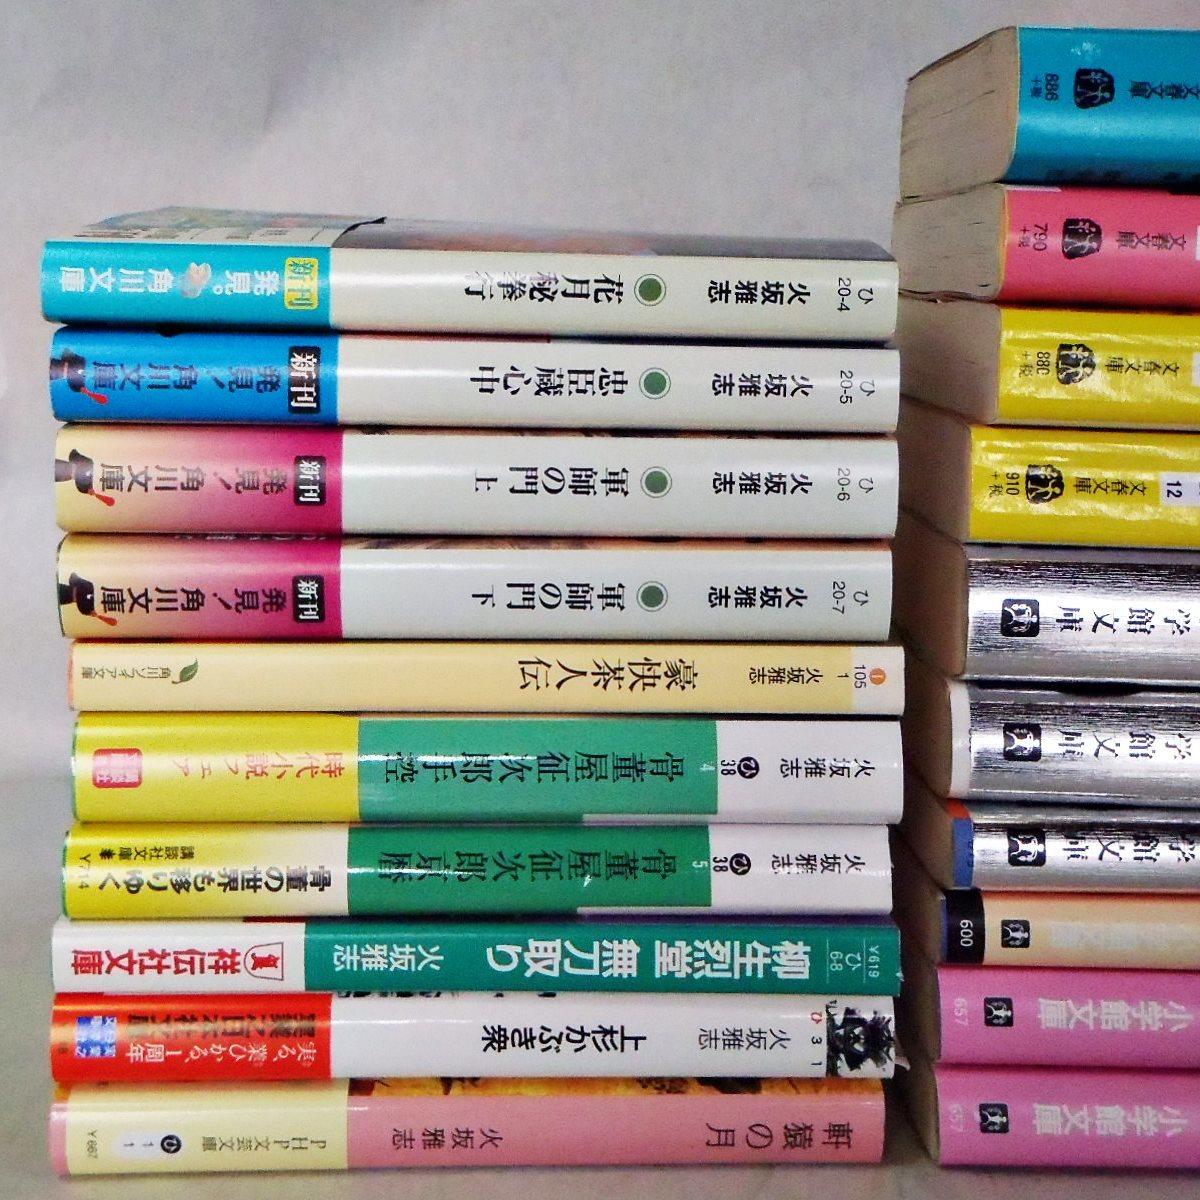 火坂雅志 時代小説文庫版二十冊 送料込 _13